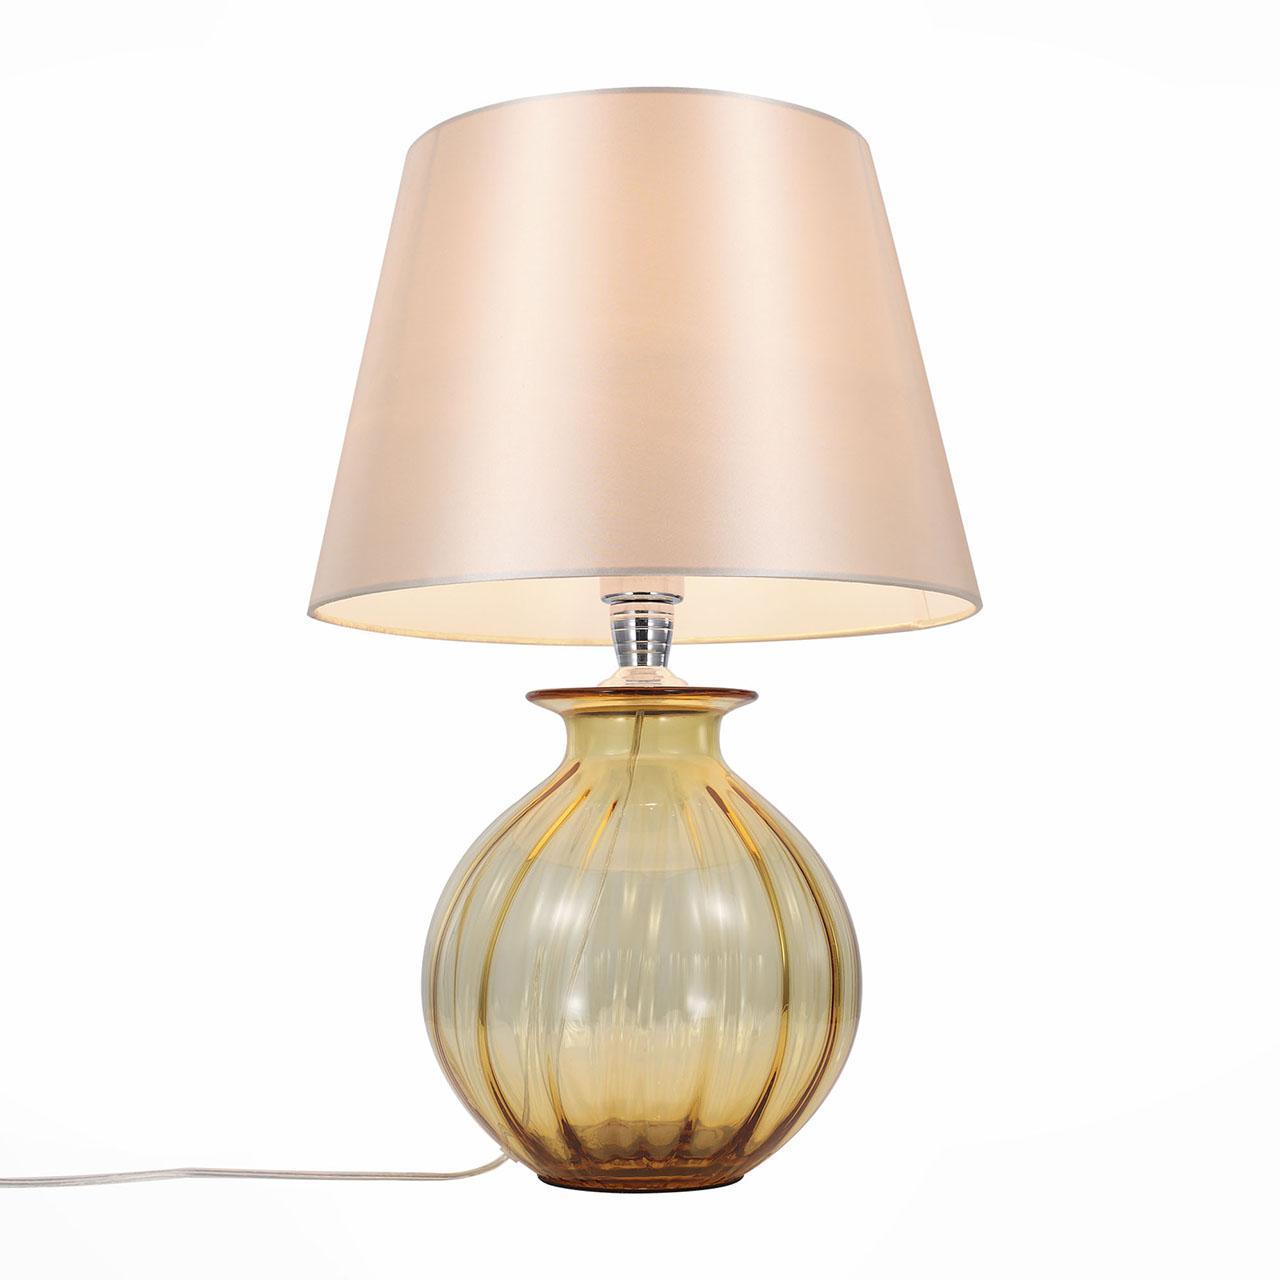 Настольная лампа ST Luce Calma SL968.904.01 настольная лампа st luce calma sl968 604 01